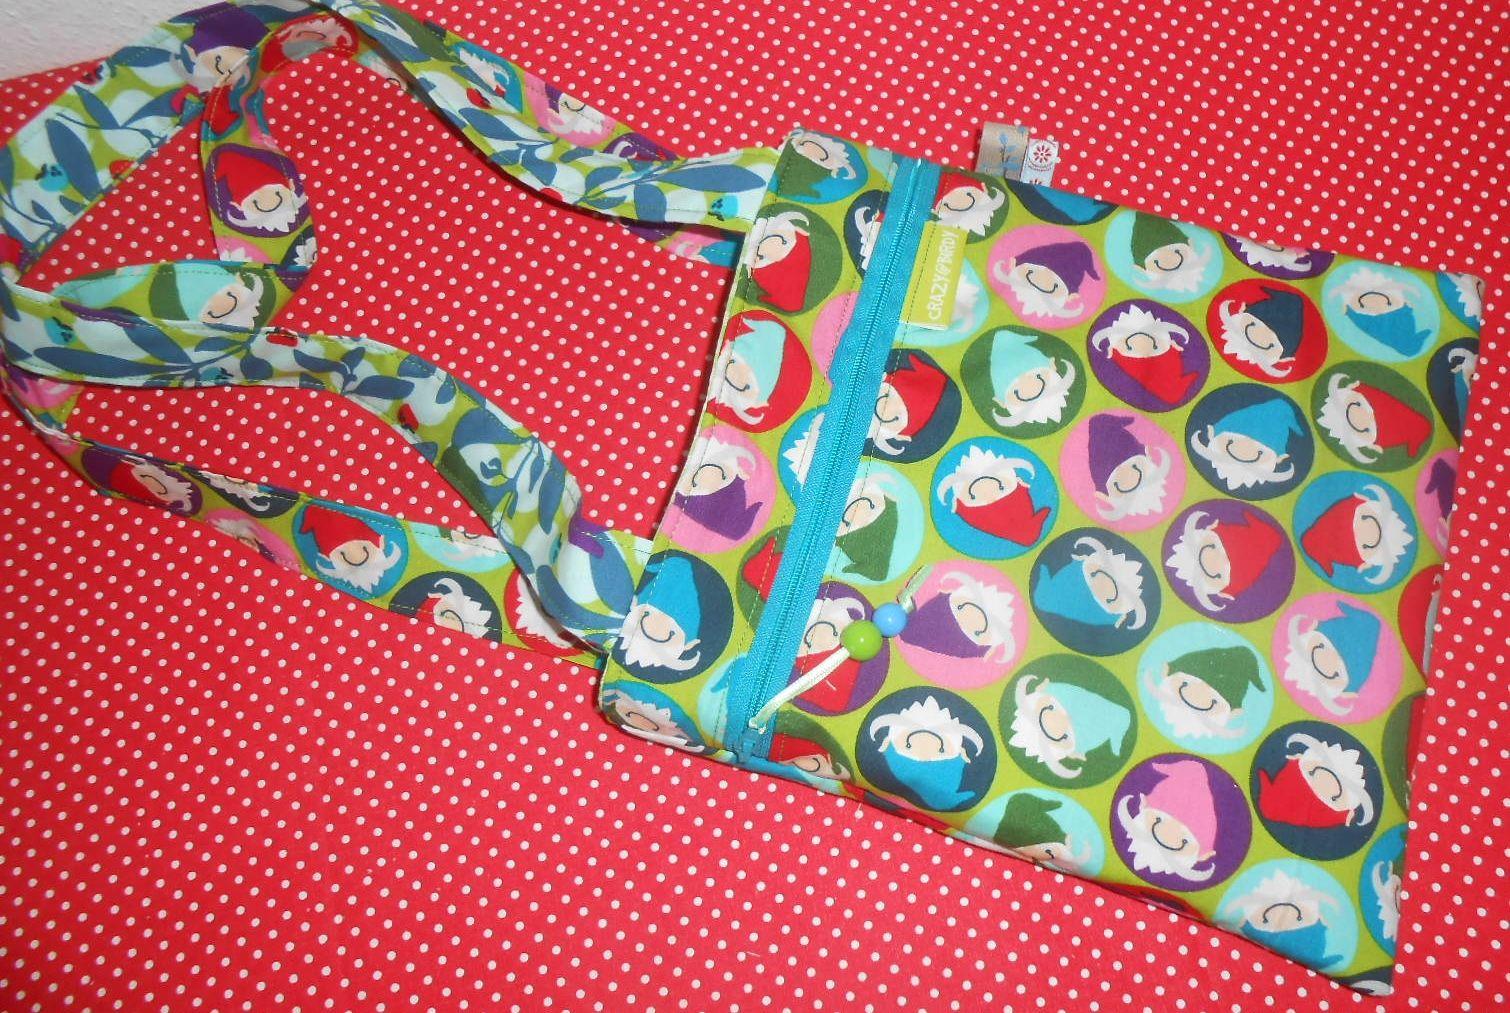 Kindertasche... und was zauberhaftes für Mädchen und Jungs....zum Umhängen ...voll cool...voll praktisch....  100% Einzelstück...100% handgemacht....100% mit viel Liebe  b 22 cm x h 24 cm   Für die Stabilität der Tasche, habe ich die Baumwolle wattiert. Außen mit einer praktischen Reißverschluss Tasche Die Tasche ist innen mit Baumwolle gefüttert und die Henkel bestehen auch aus Stoff und sind ca. 68 cm lang.  www.facebook.com/crazybirdy.handgemacht